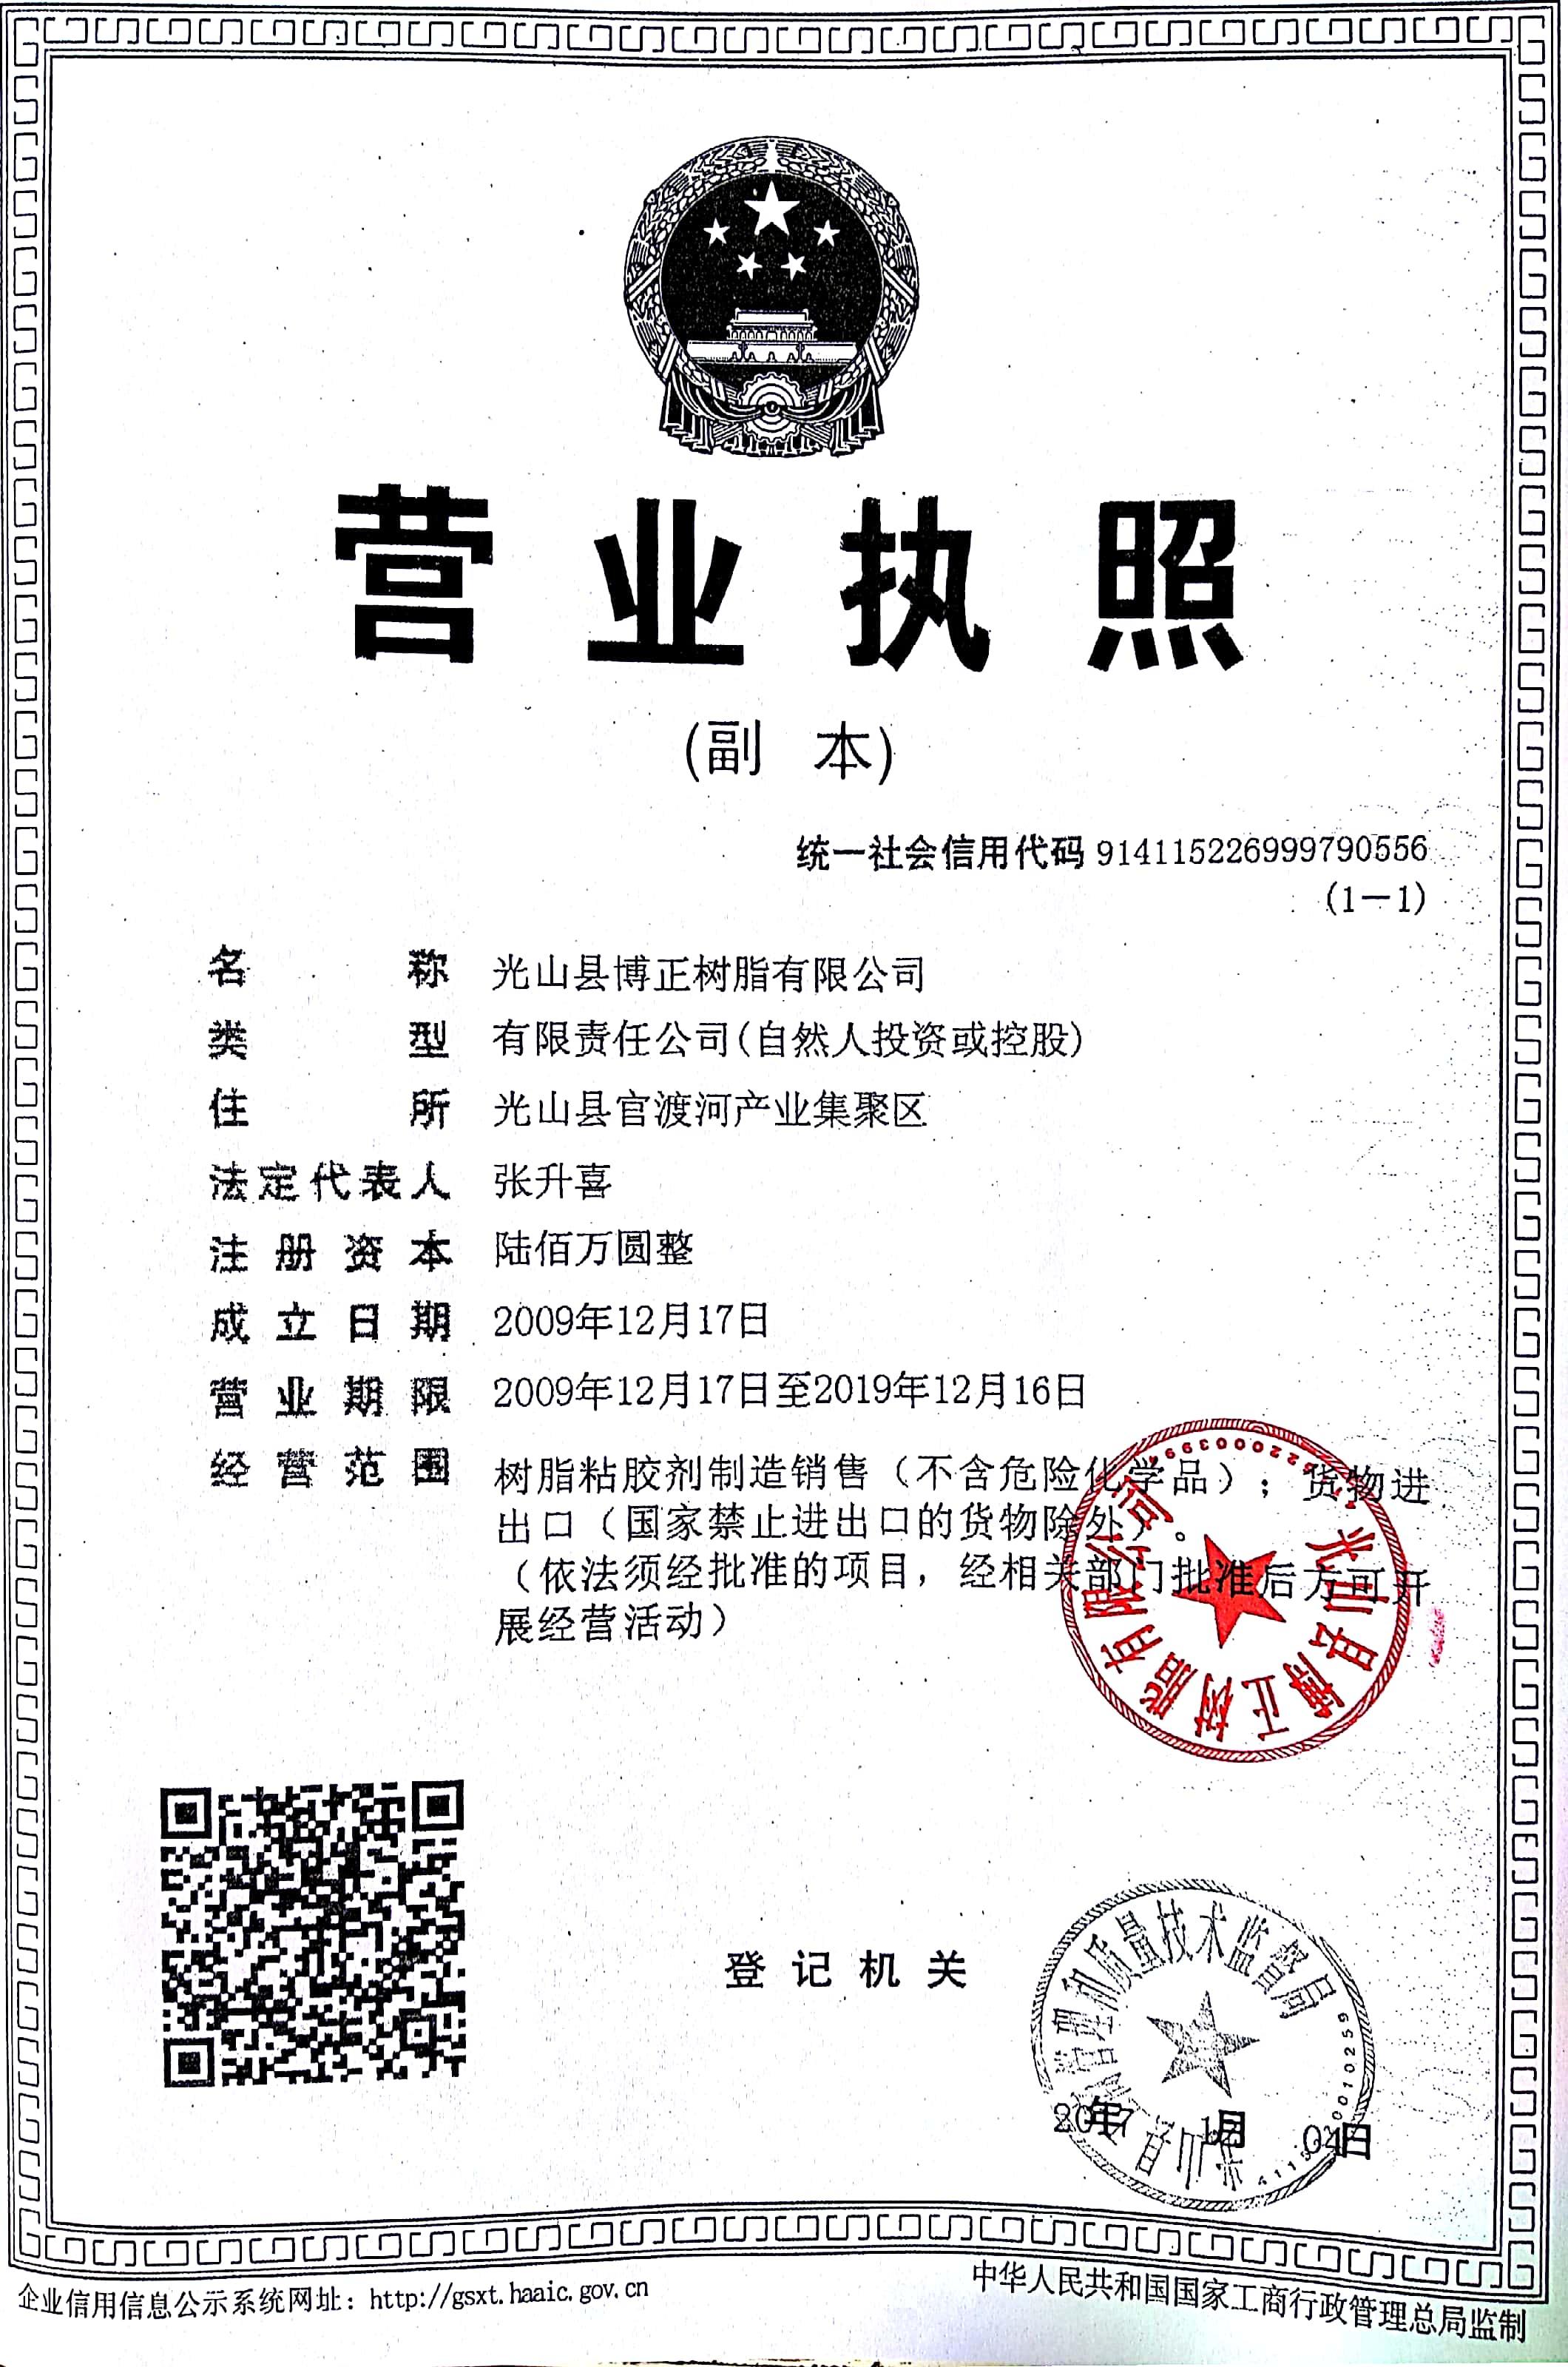 光山县陡然冷笑博正树脂有限公司企业档案